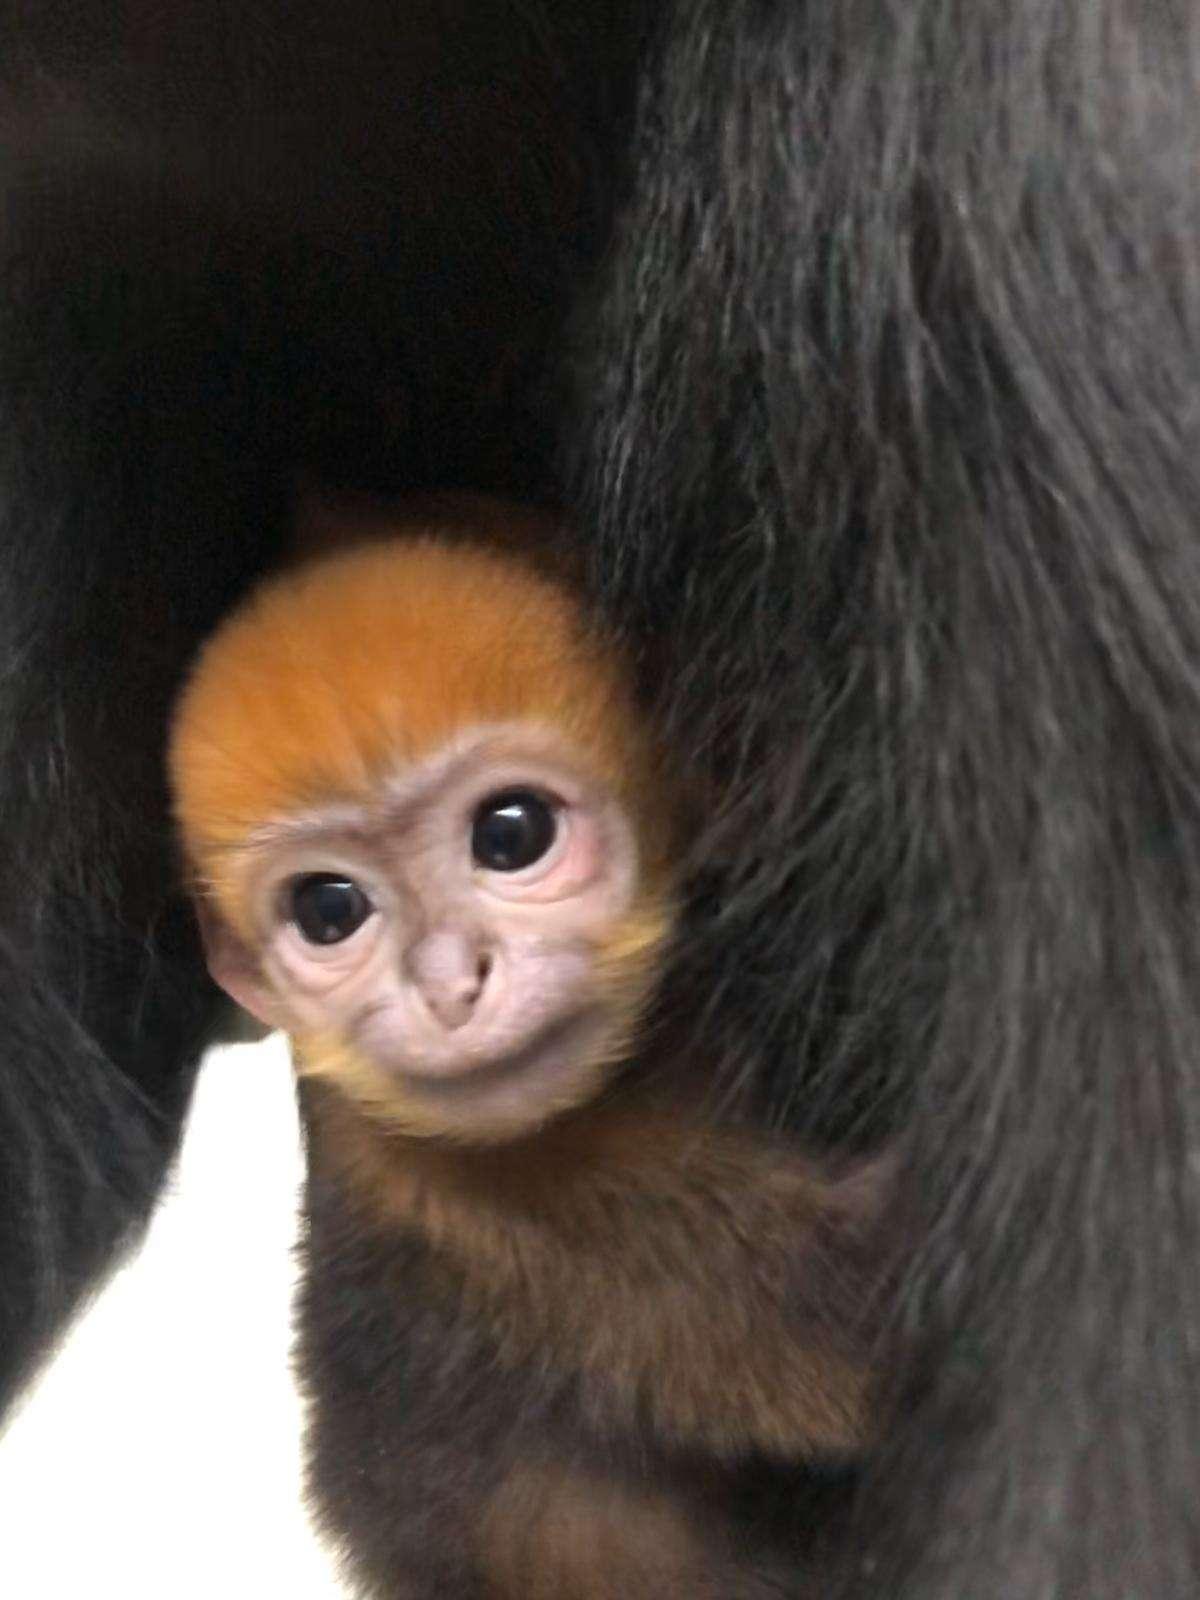 Un bébé Langur de François, une espèce de singe menacée, est né en mars au zoo de la Citadelle à Besançon. © @CitadelBesancon, Twitter